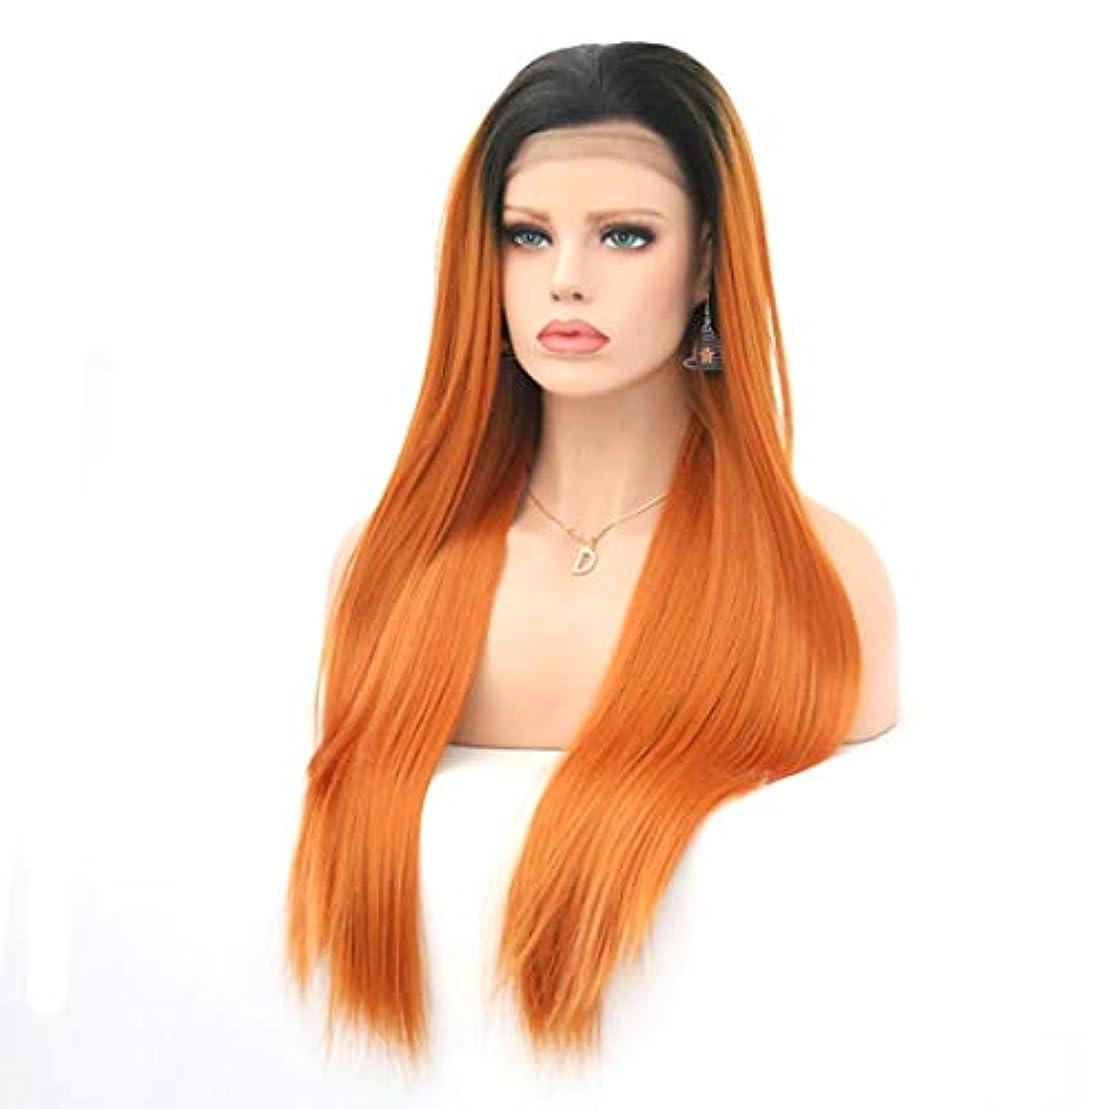 納得させるシンジケート何十人もSummerys 女性のためのグラデーションオレンジロングストレートウィッグケミカルファイバーフロントレースウィッグ